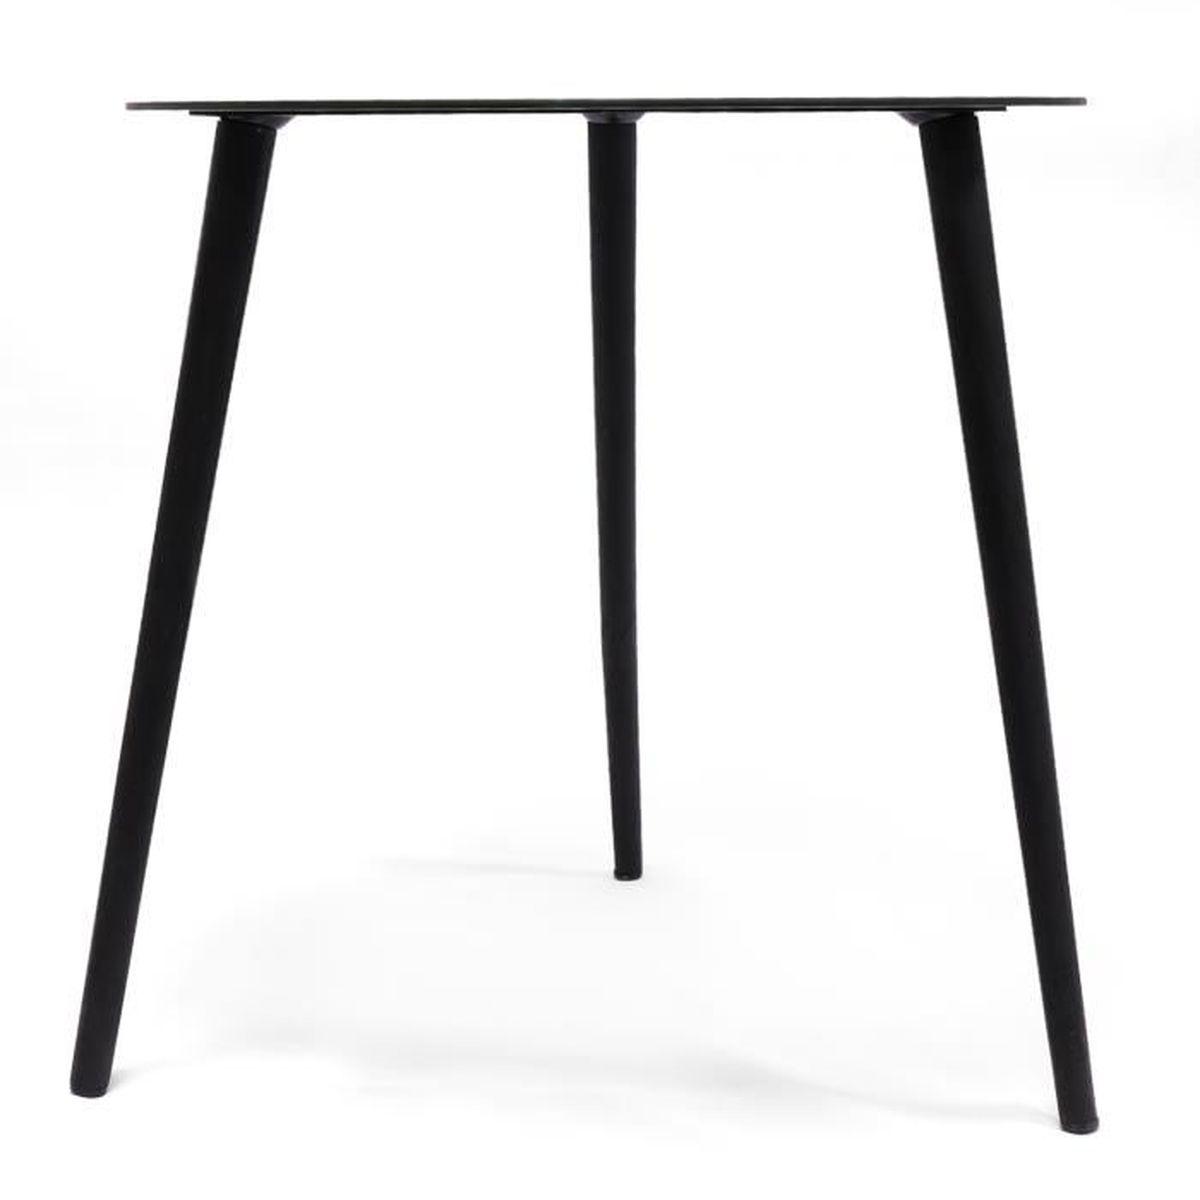 Petite table ronde basse - Achat   Vente pas cher b00ce7fd29a6